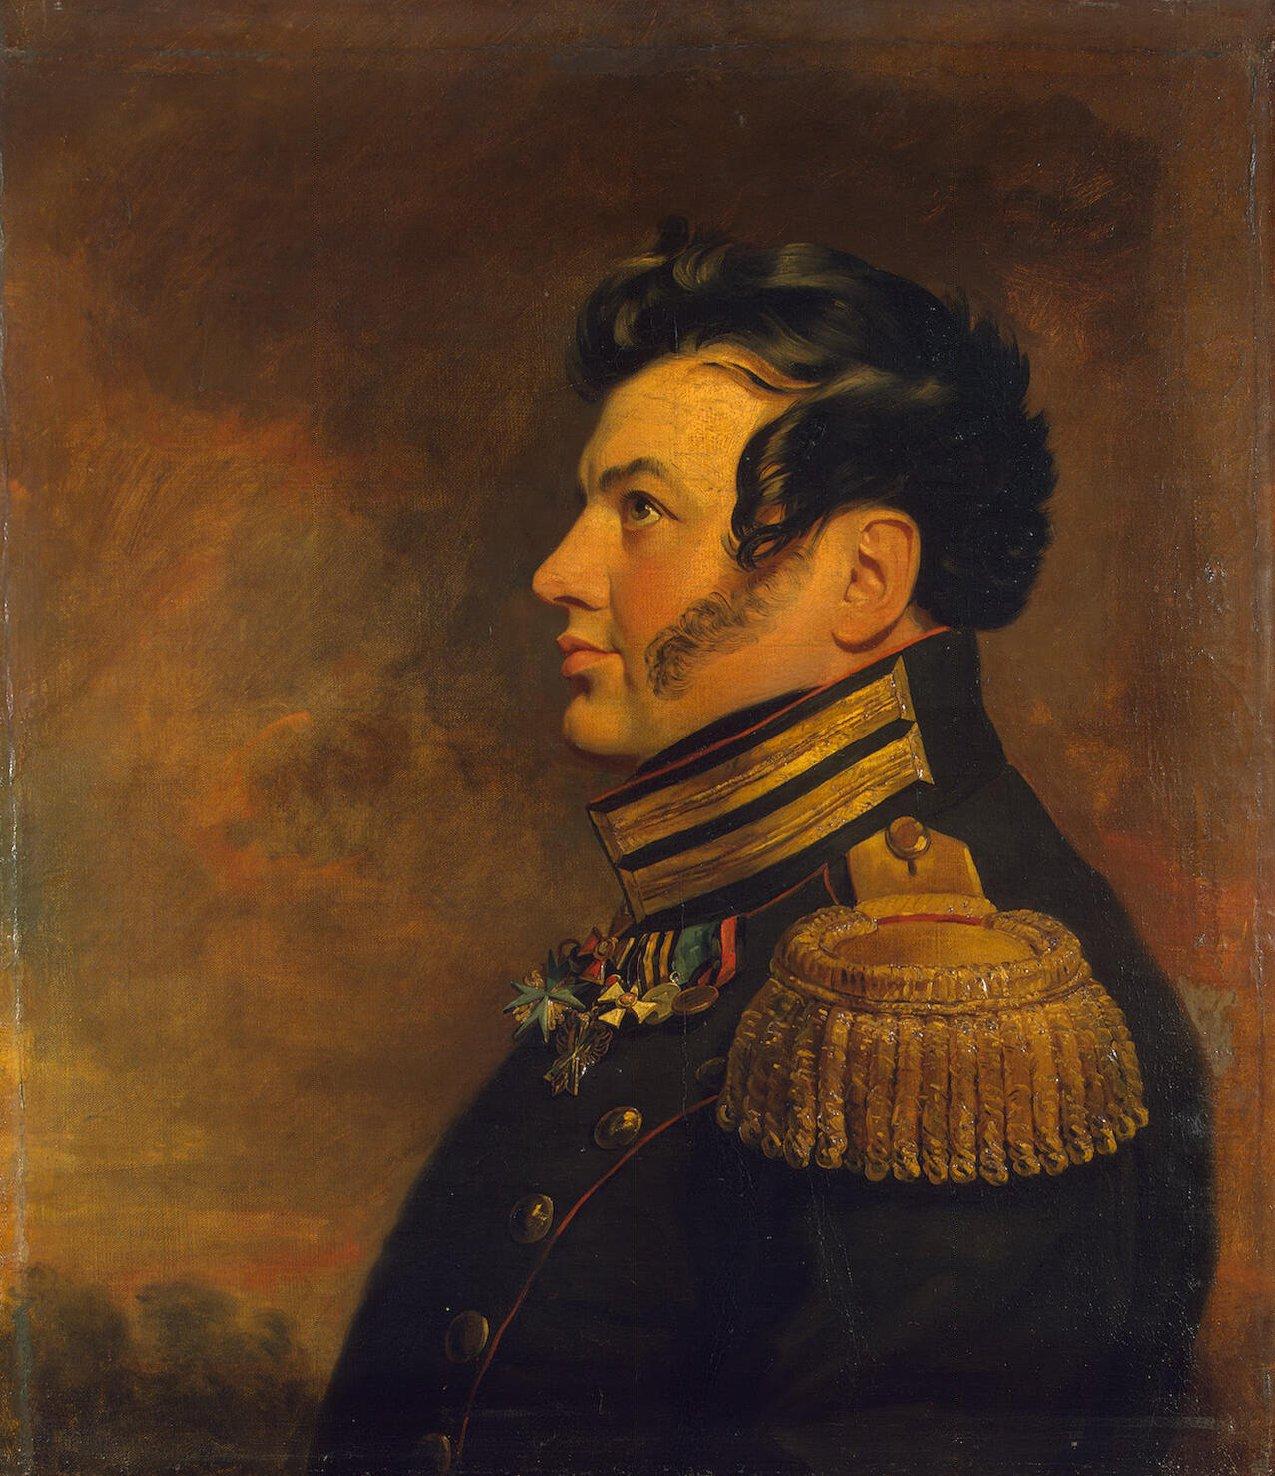 Крыжановский, Максим Константинович